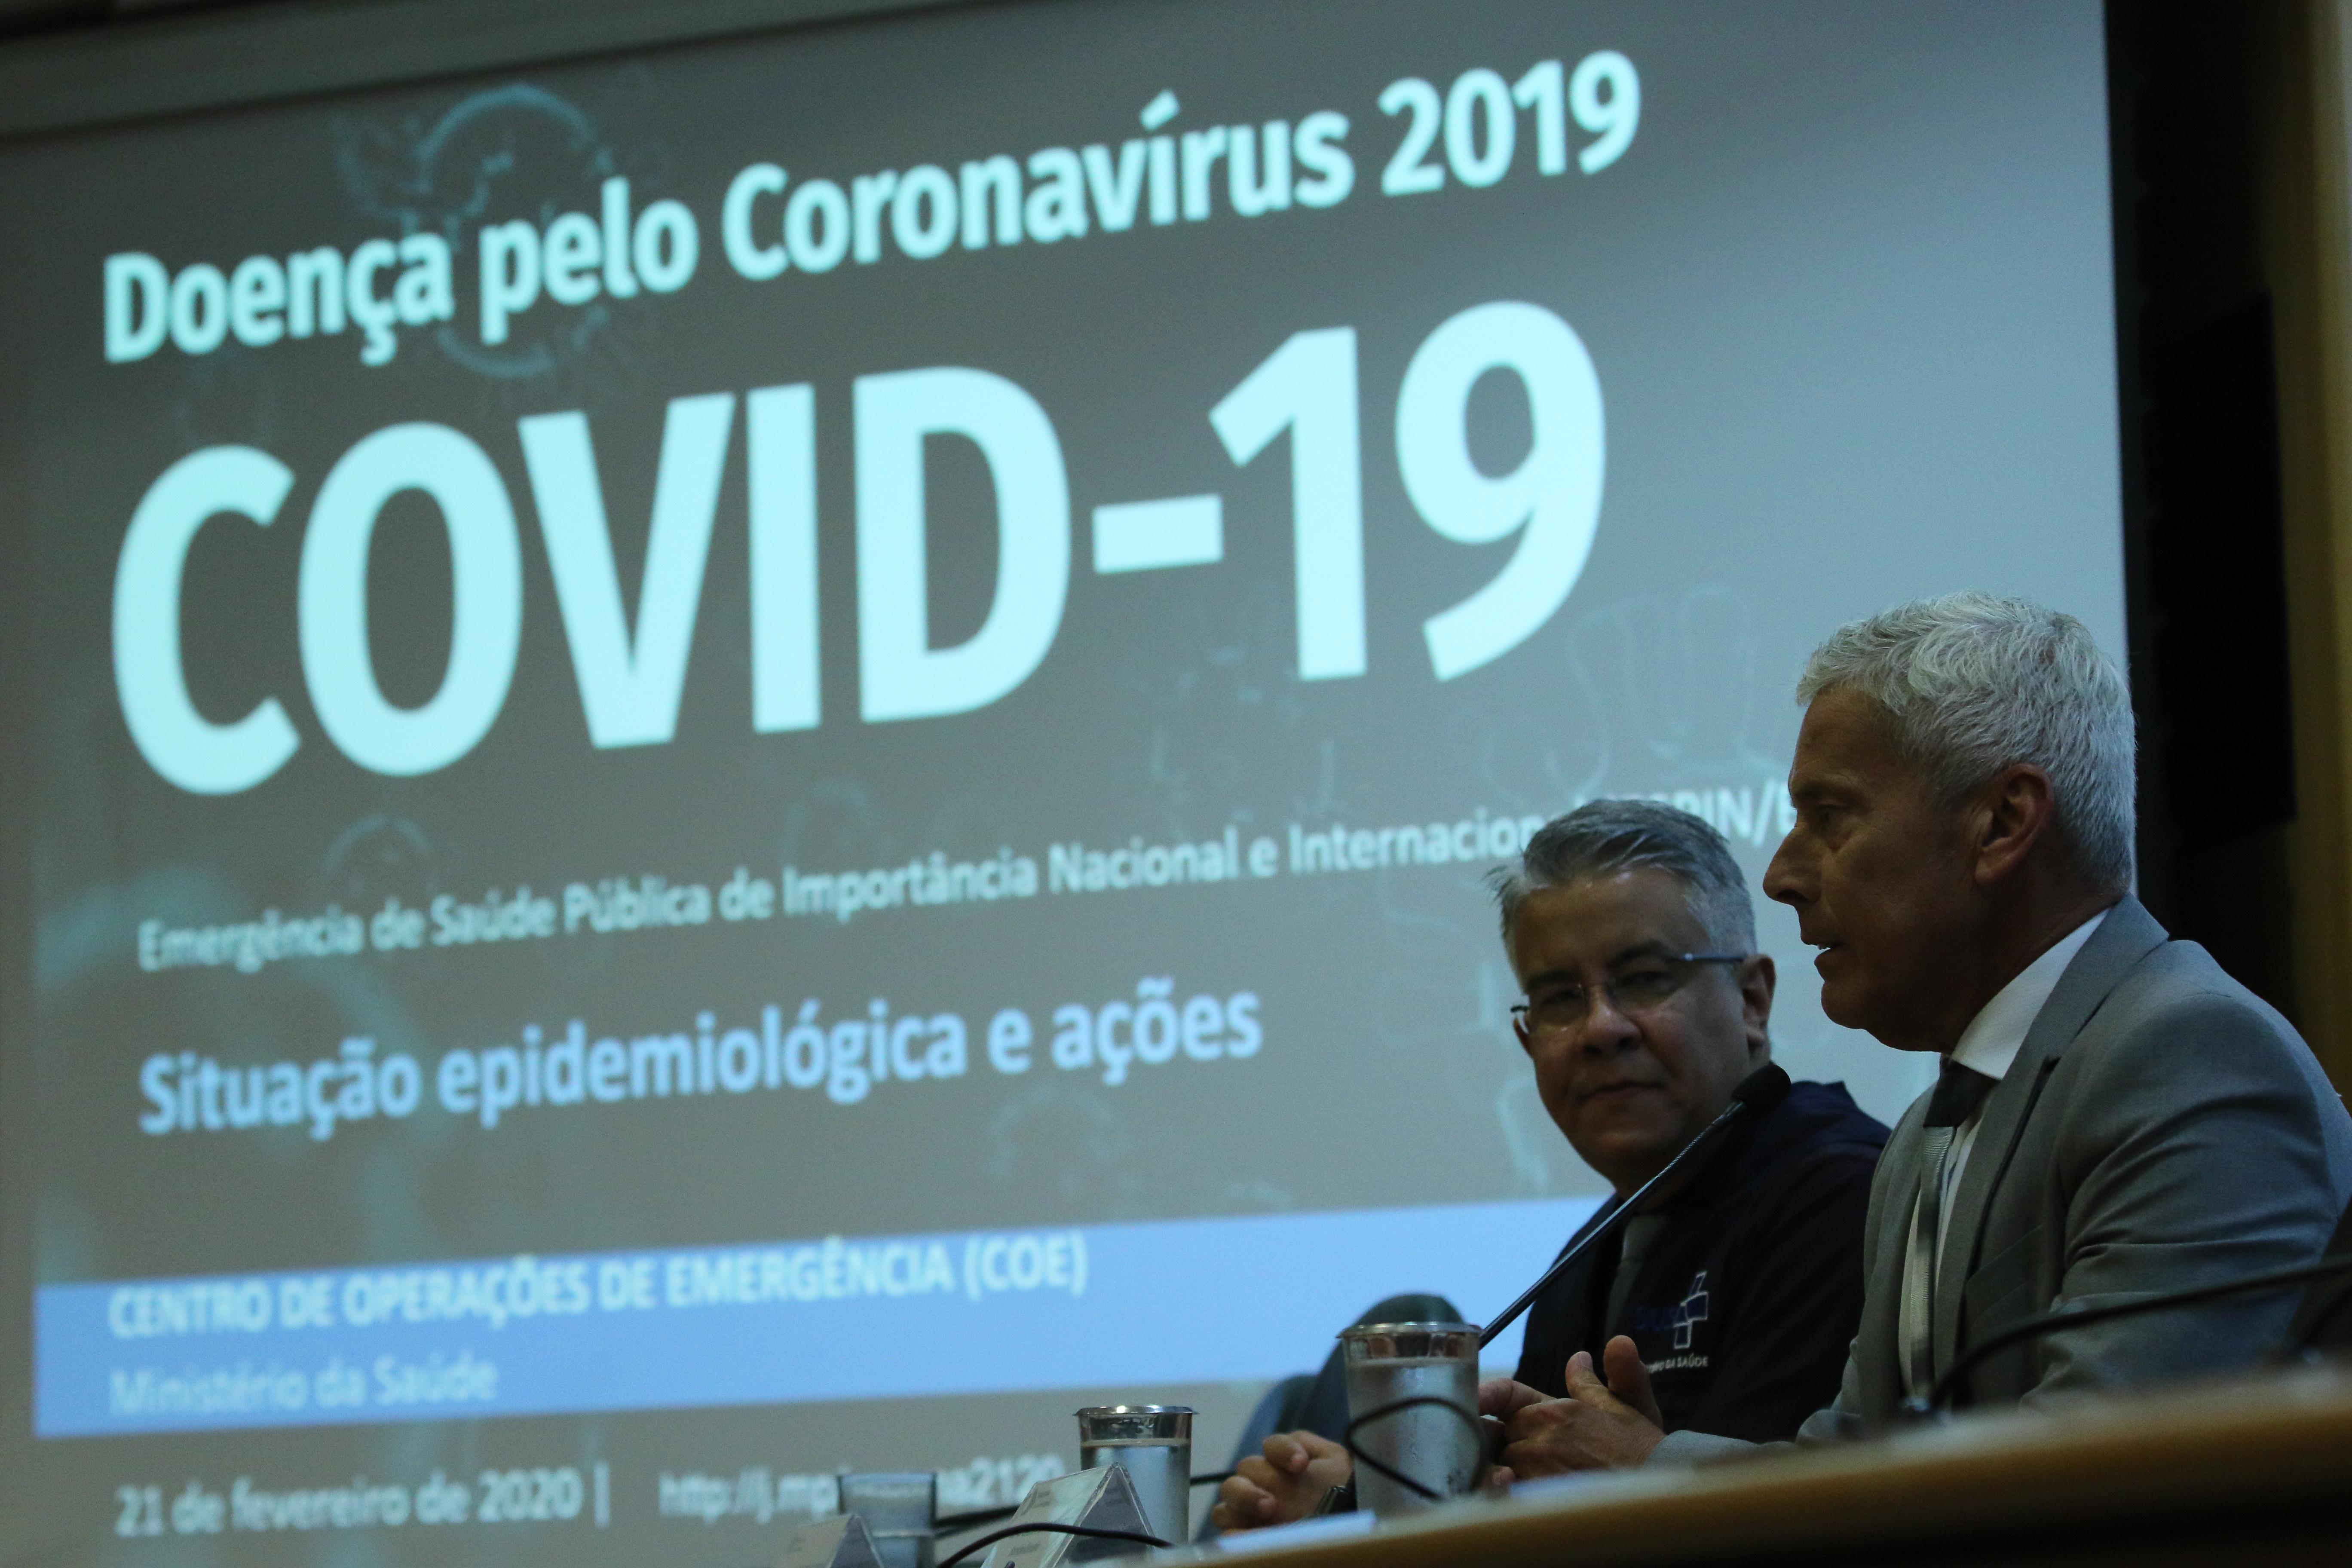 IMAGEM: Coronavírus: brasileiro infectado chegou em voo proveniente da França